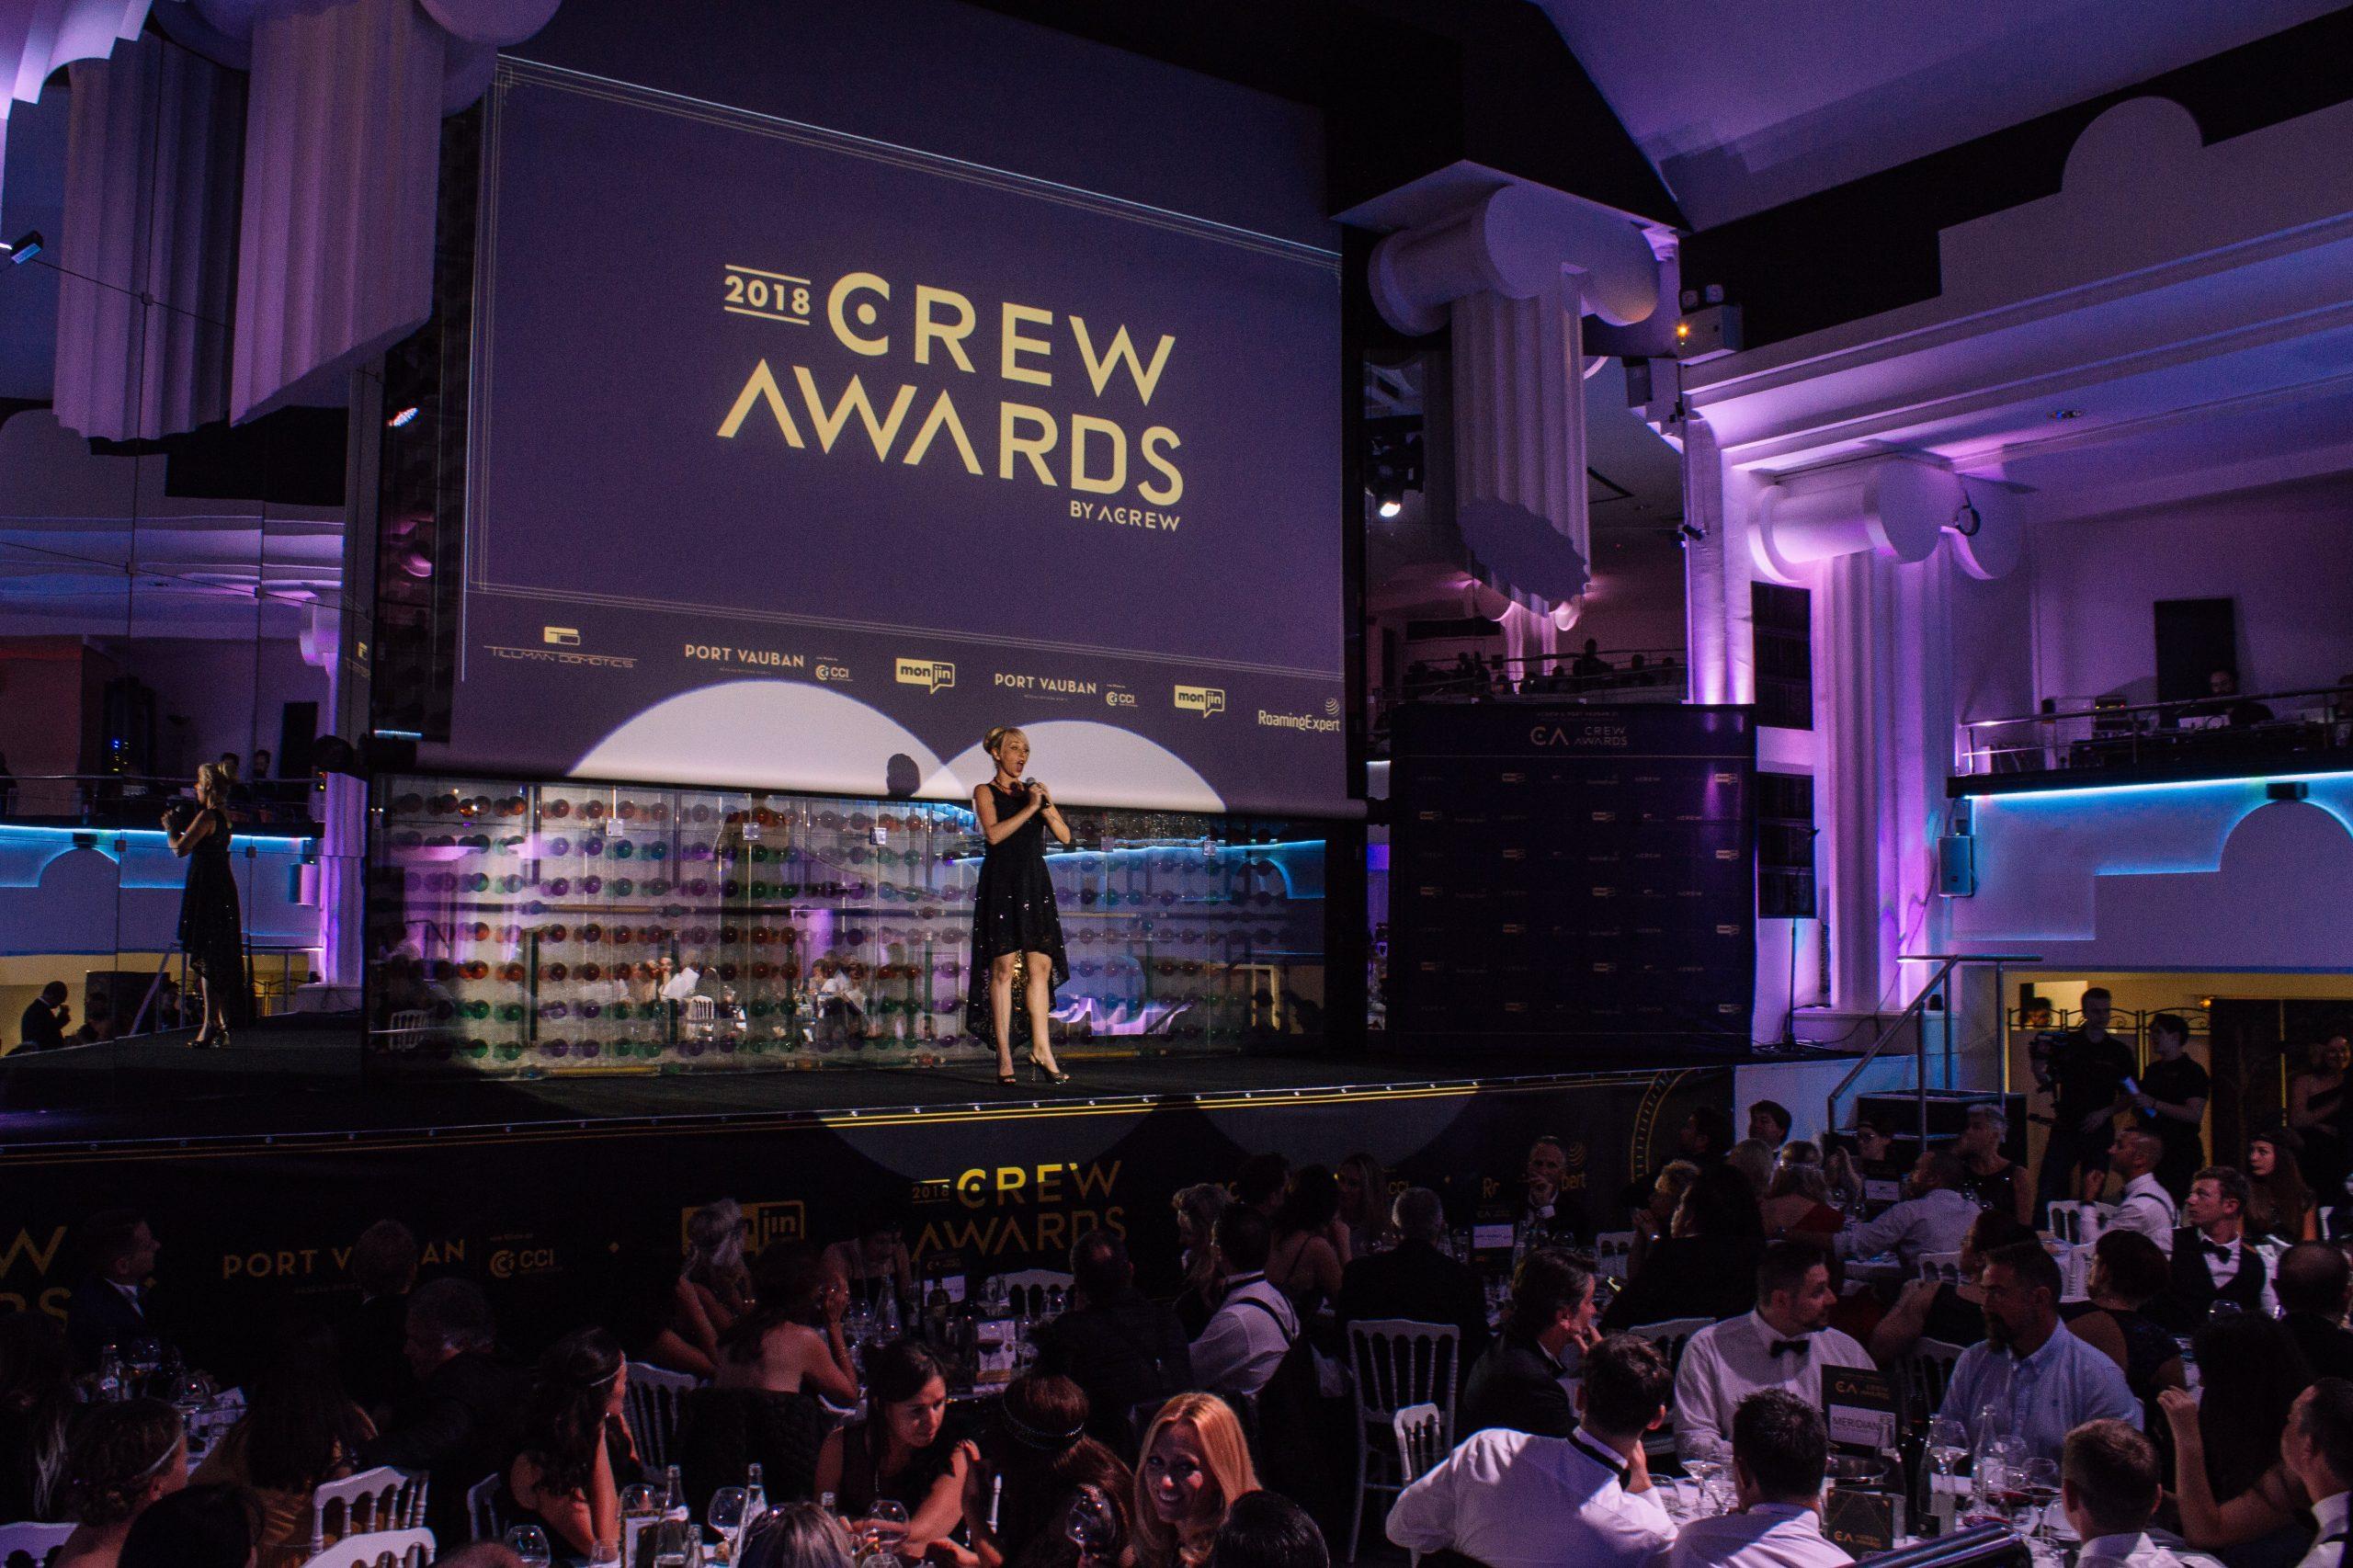 Crew Awards 2018